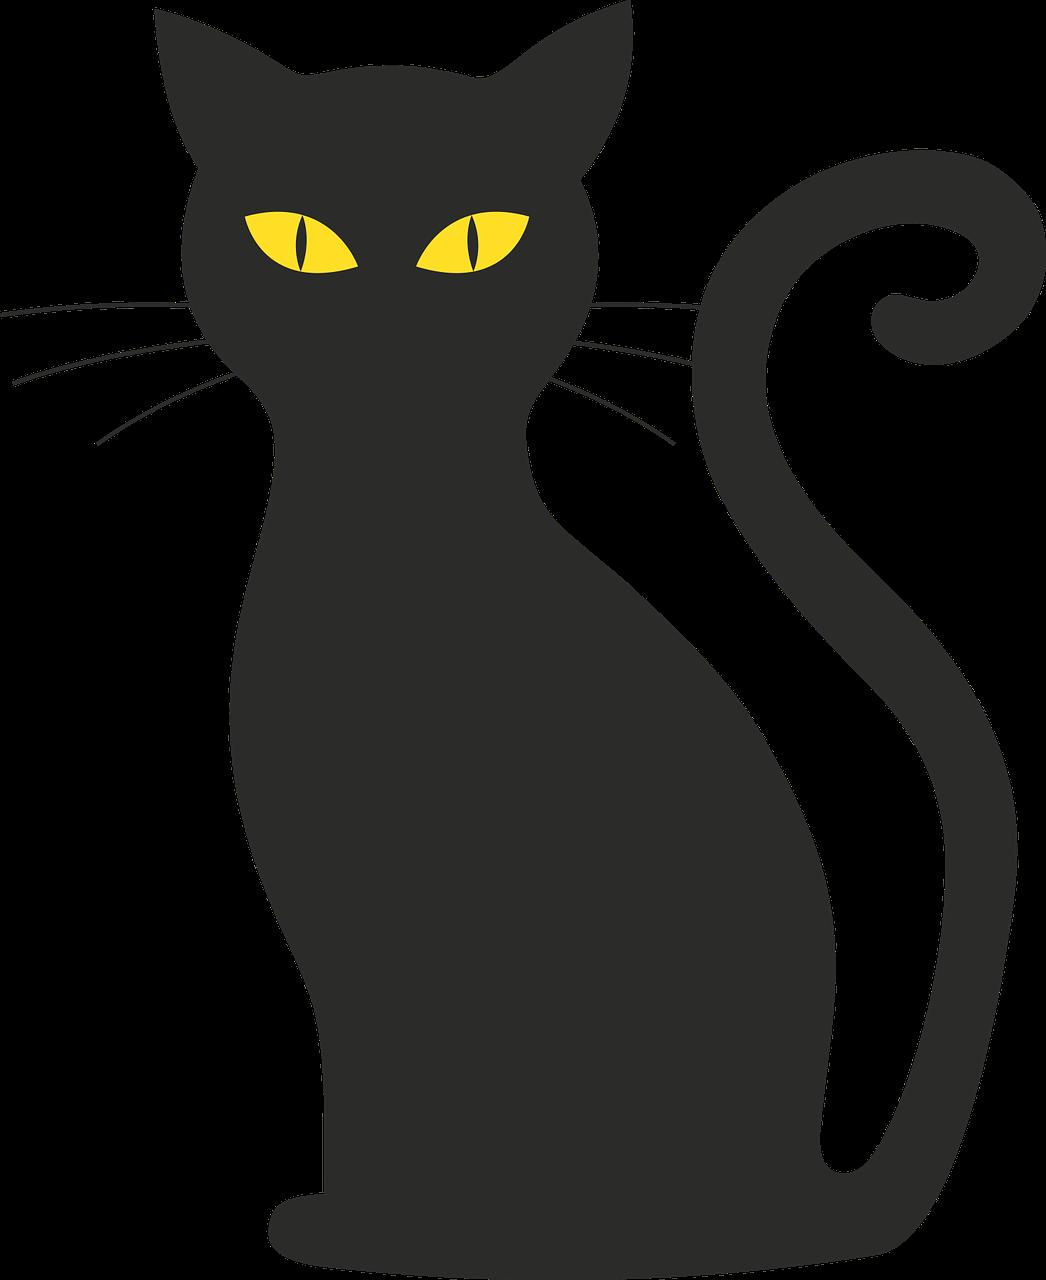 Черный кот силуэт картинки